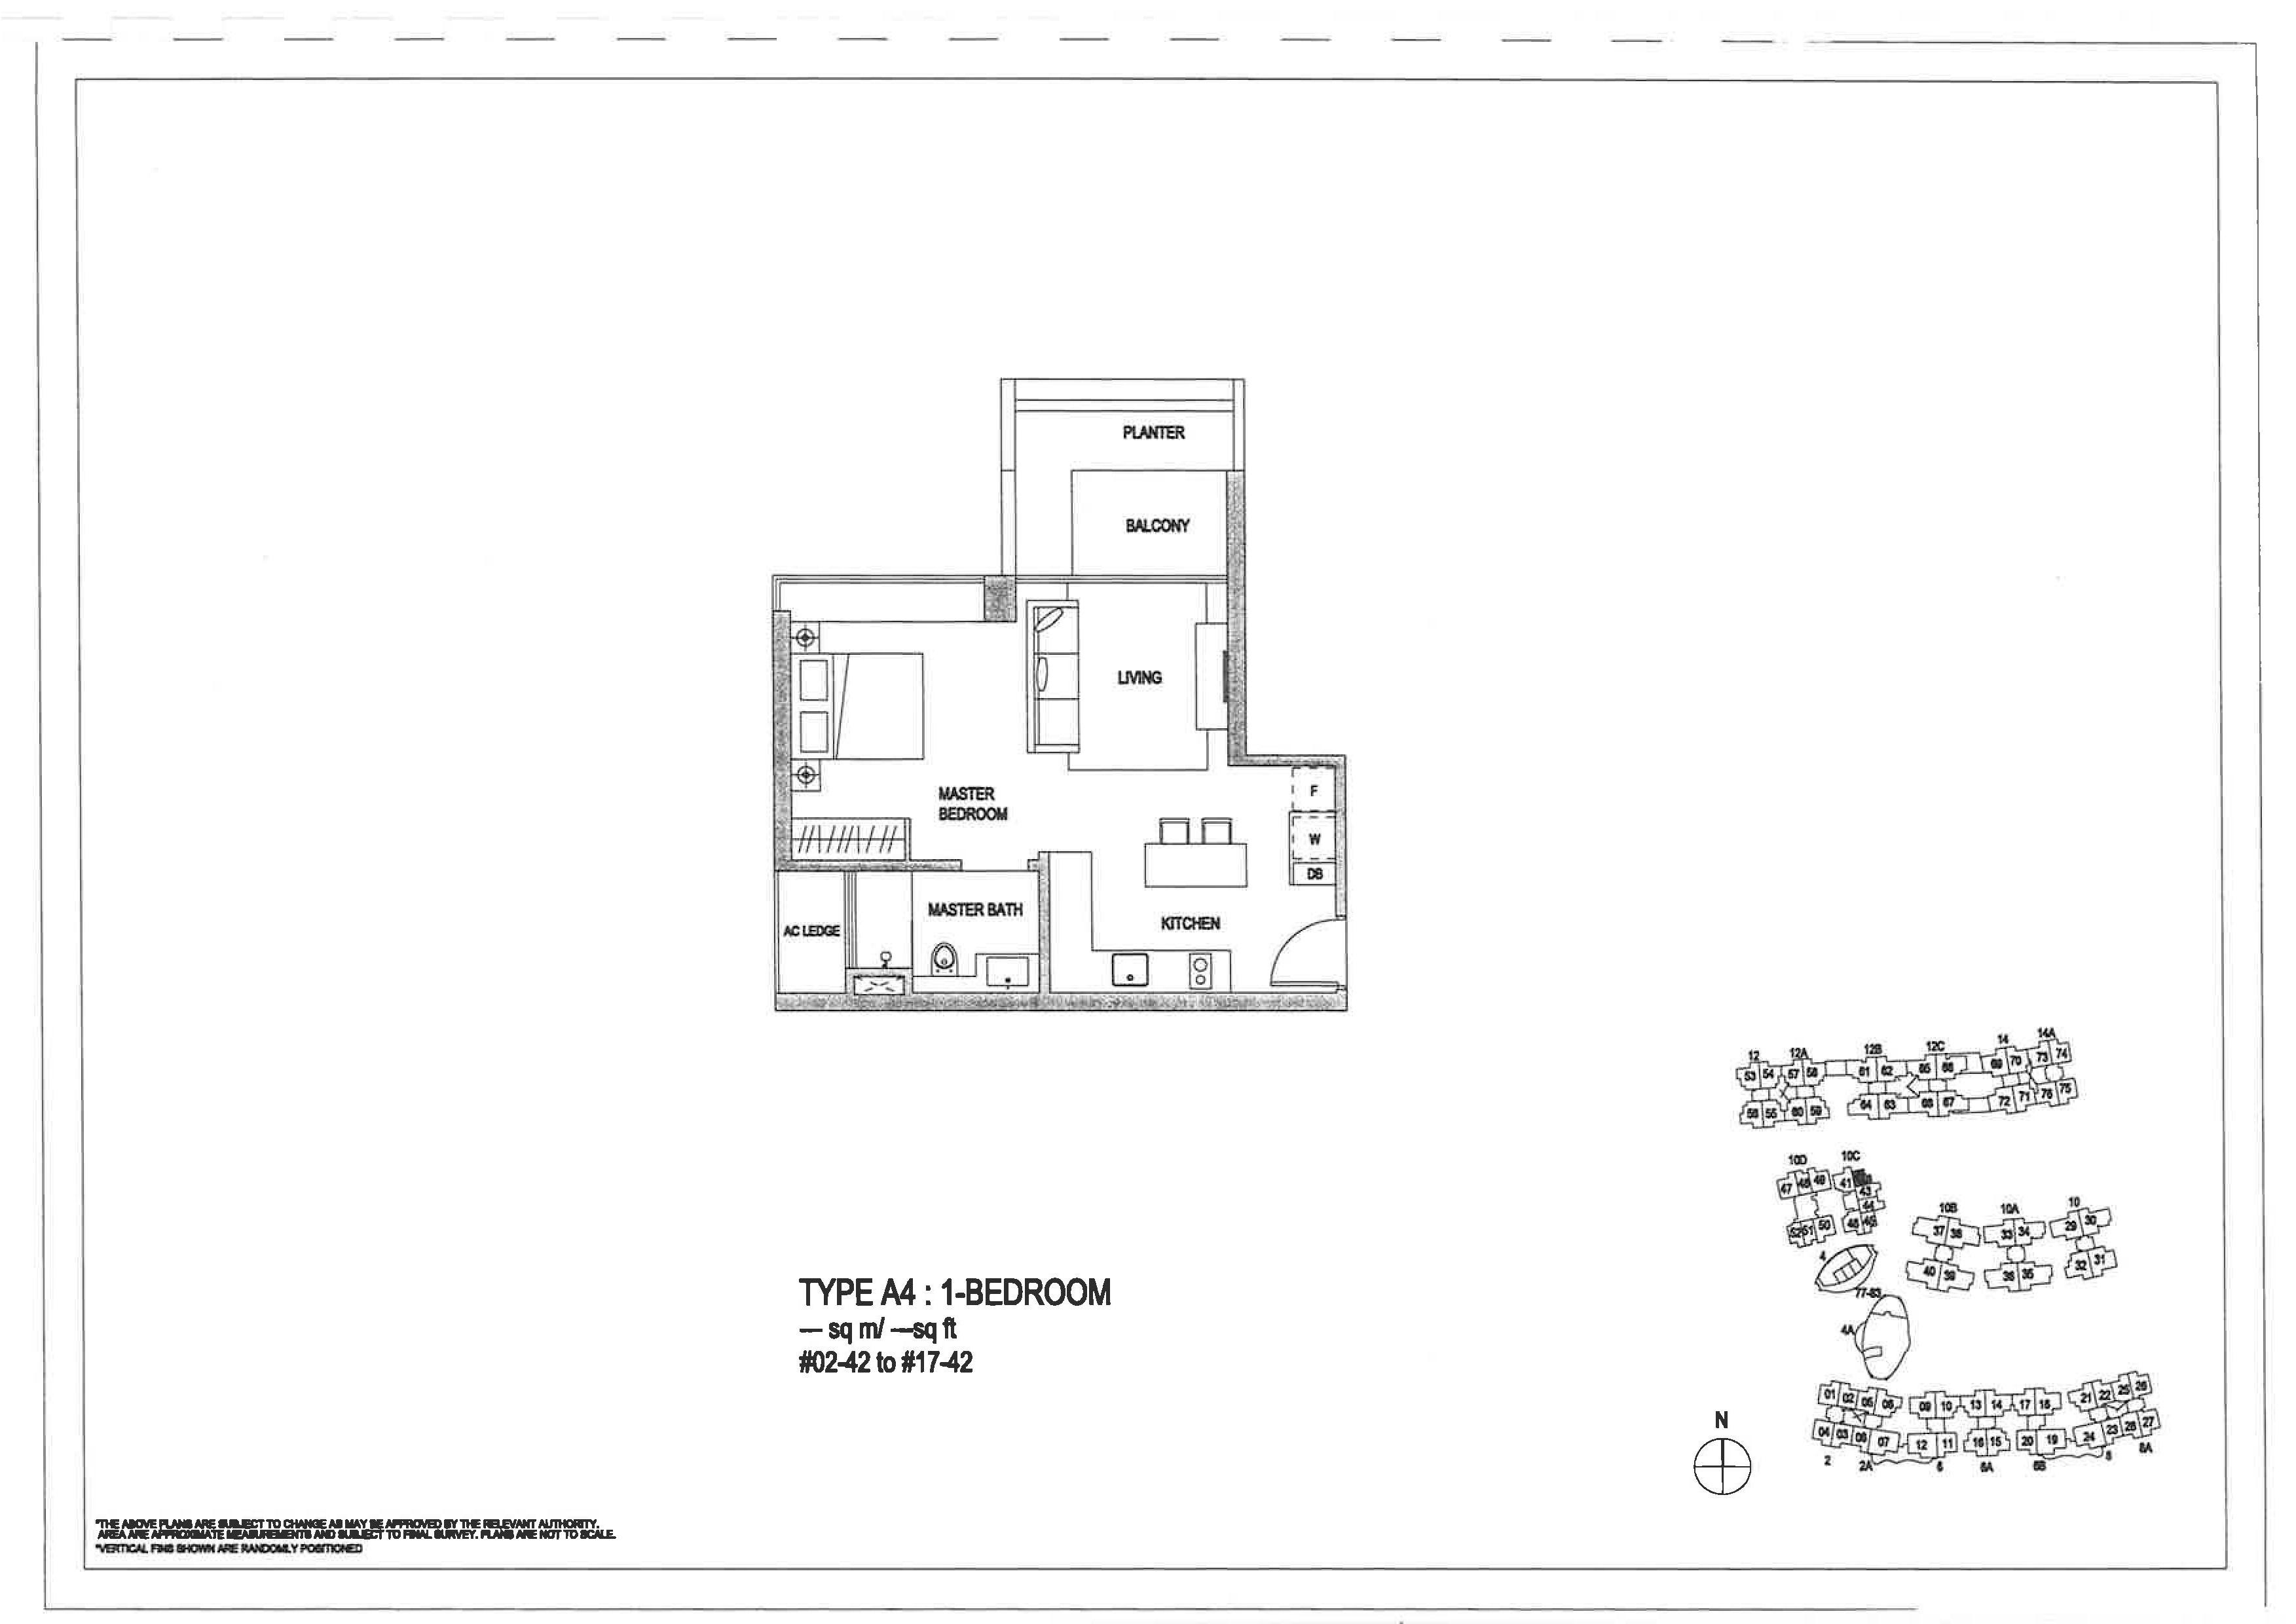 The Minton 1 Bedroom Floor Plans Type A4